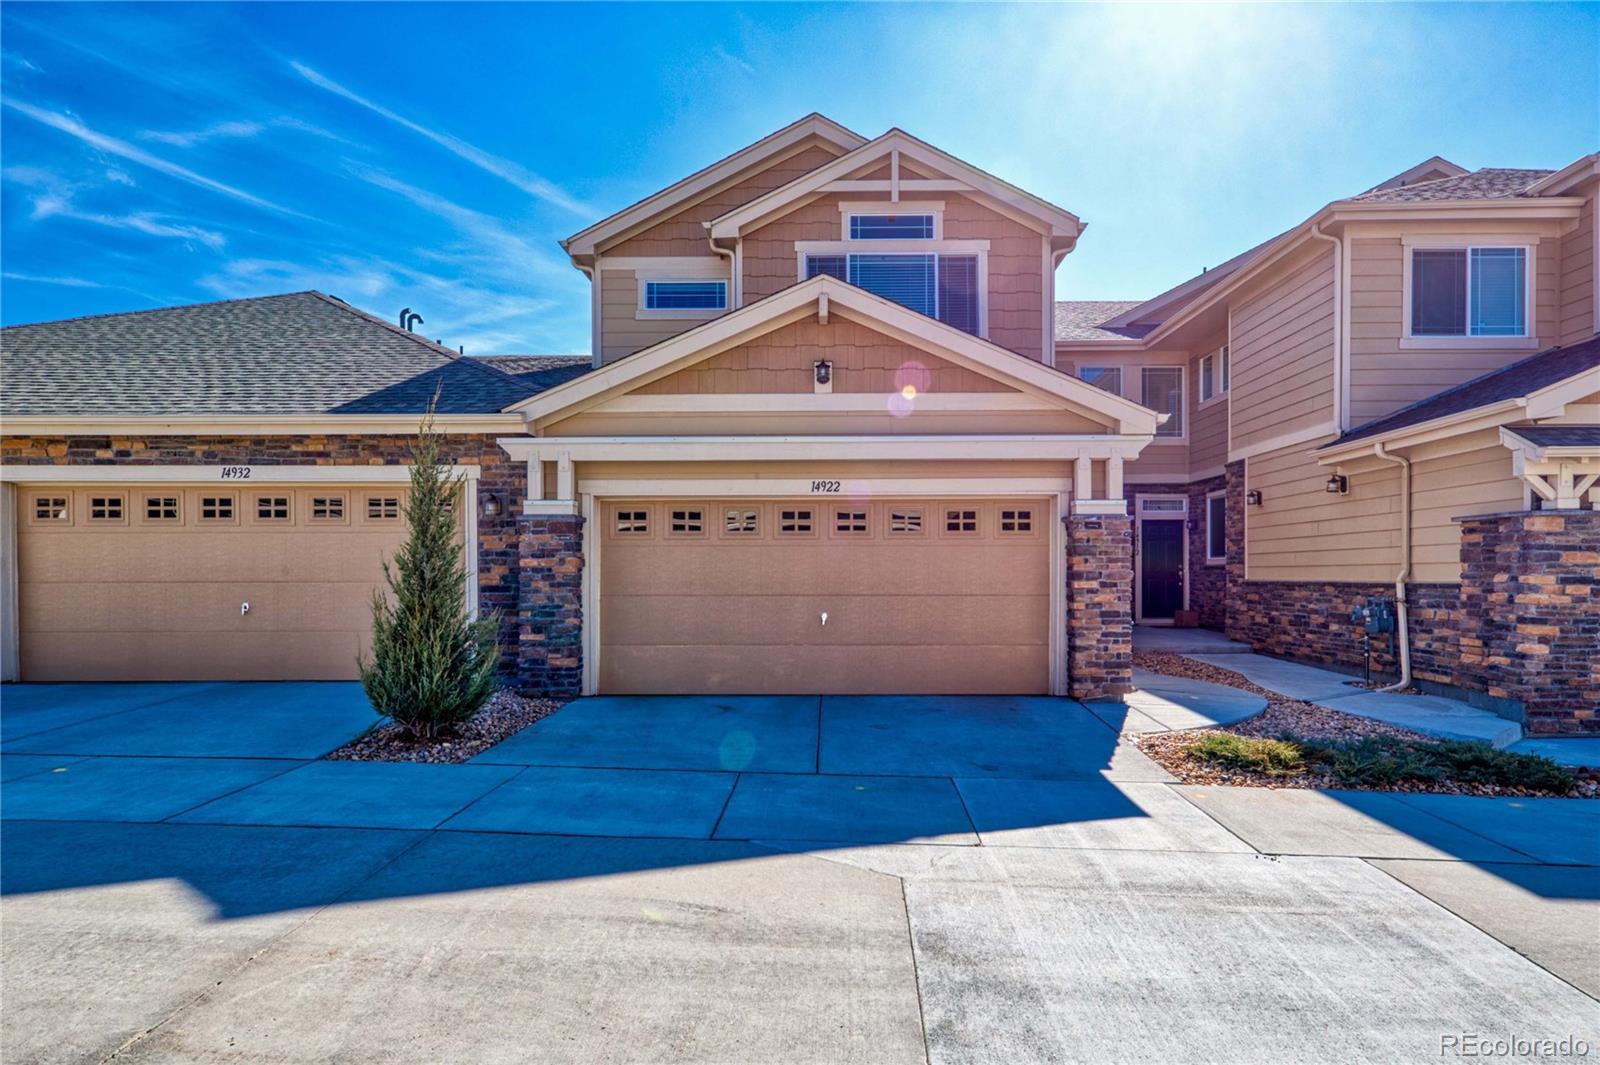 14922 E Poundstone Drive, Aurora, CO 80015 - Aurora, CO real estate listing